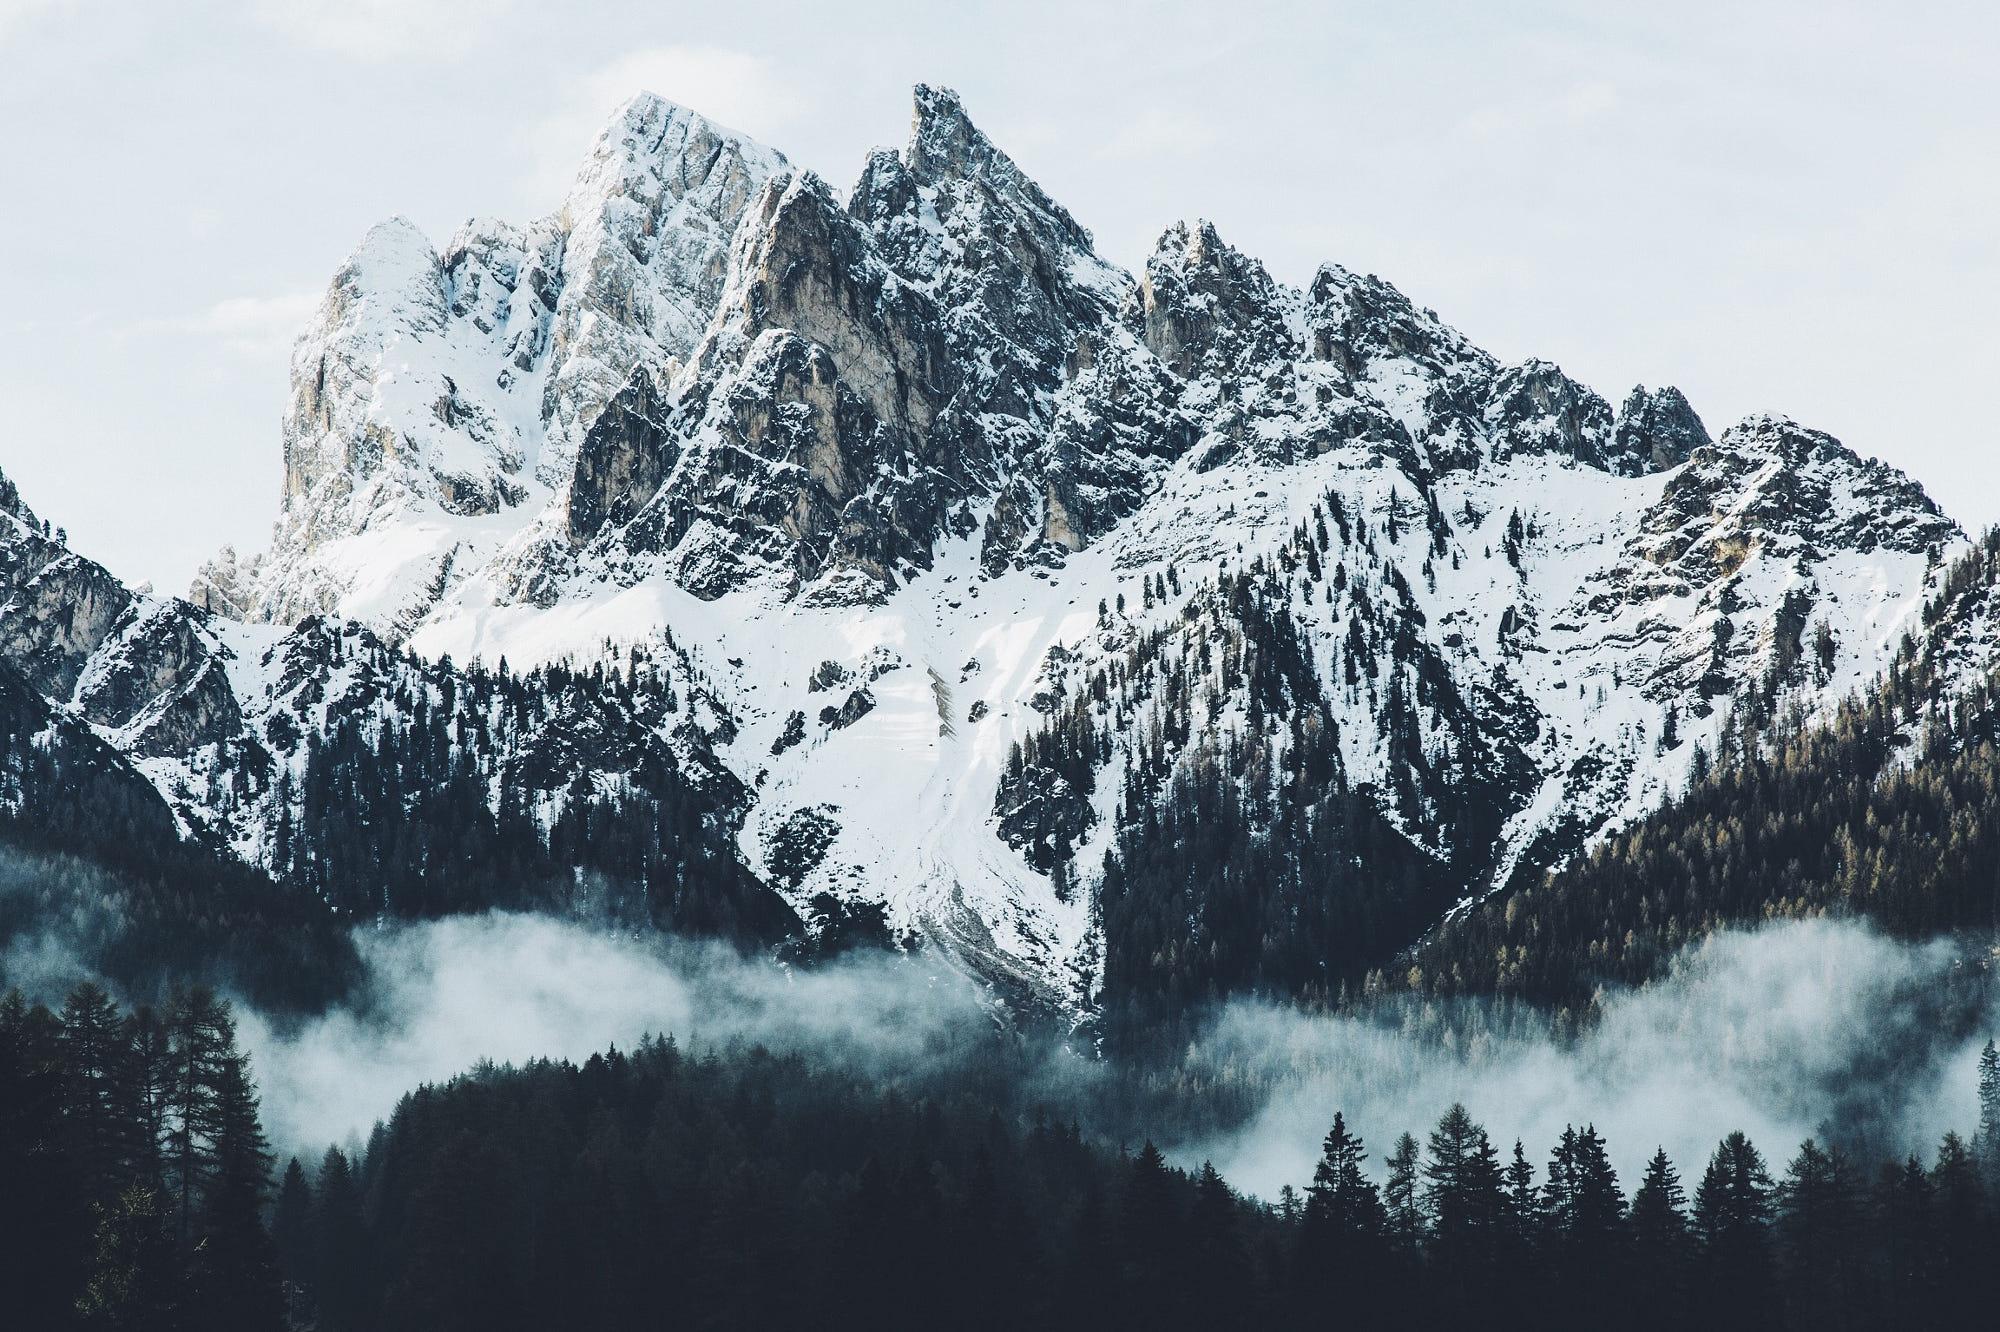 Fondos de pantalla Montañas nevadas con bosque